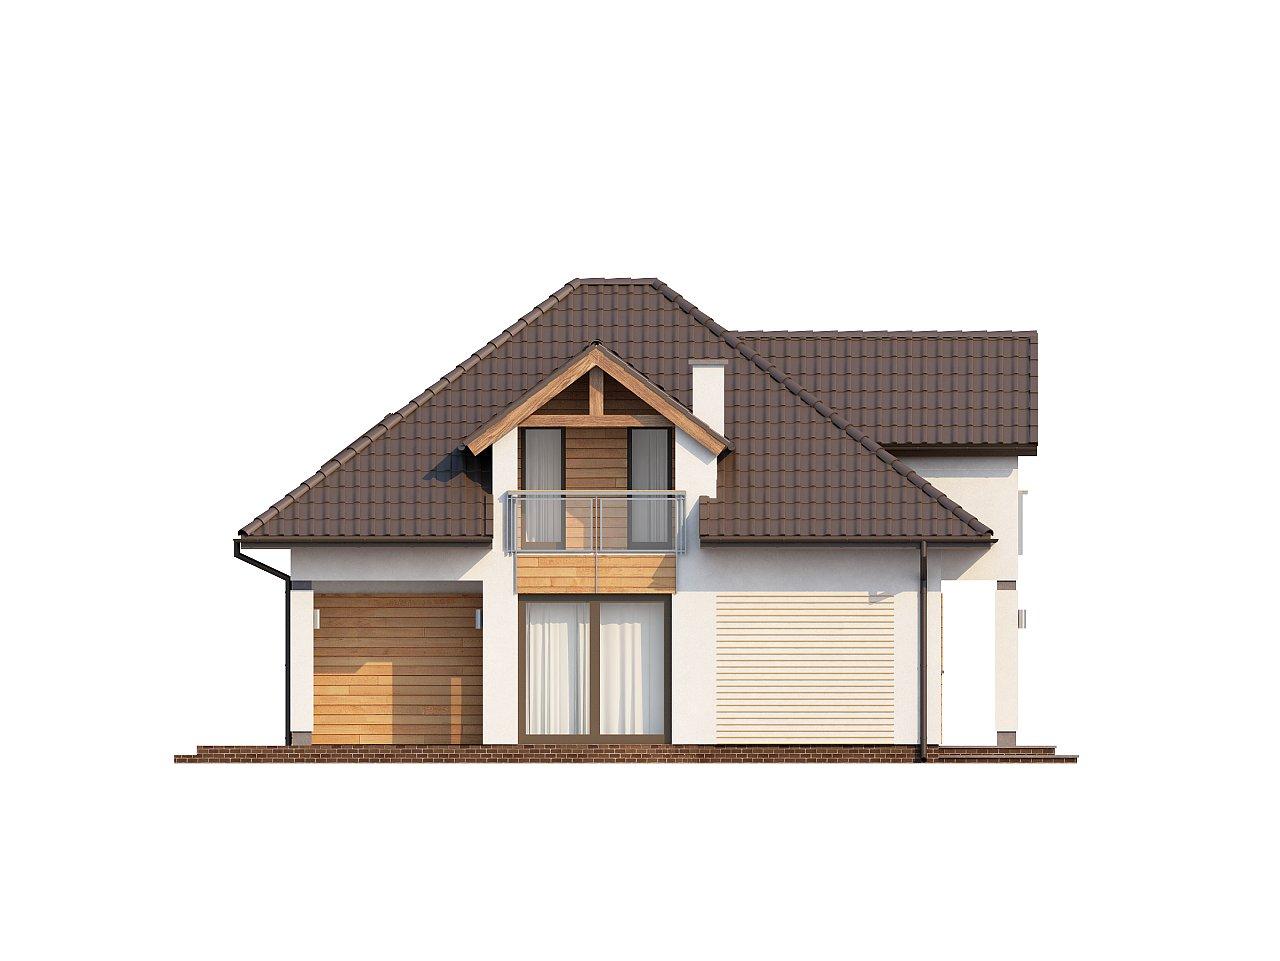 Проект практичного и уютного традиционного дома. 5